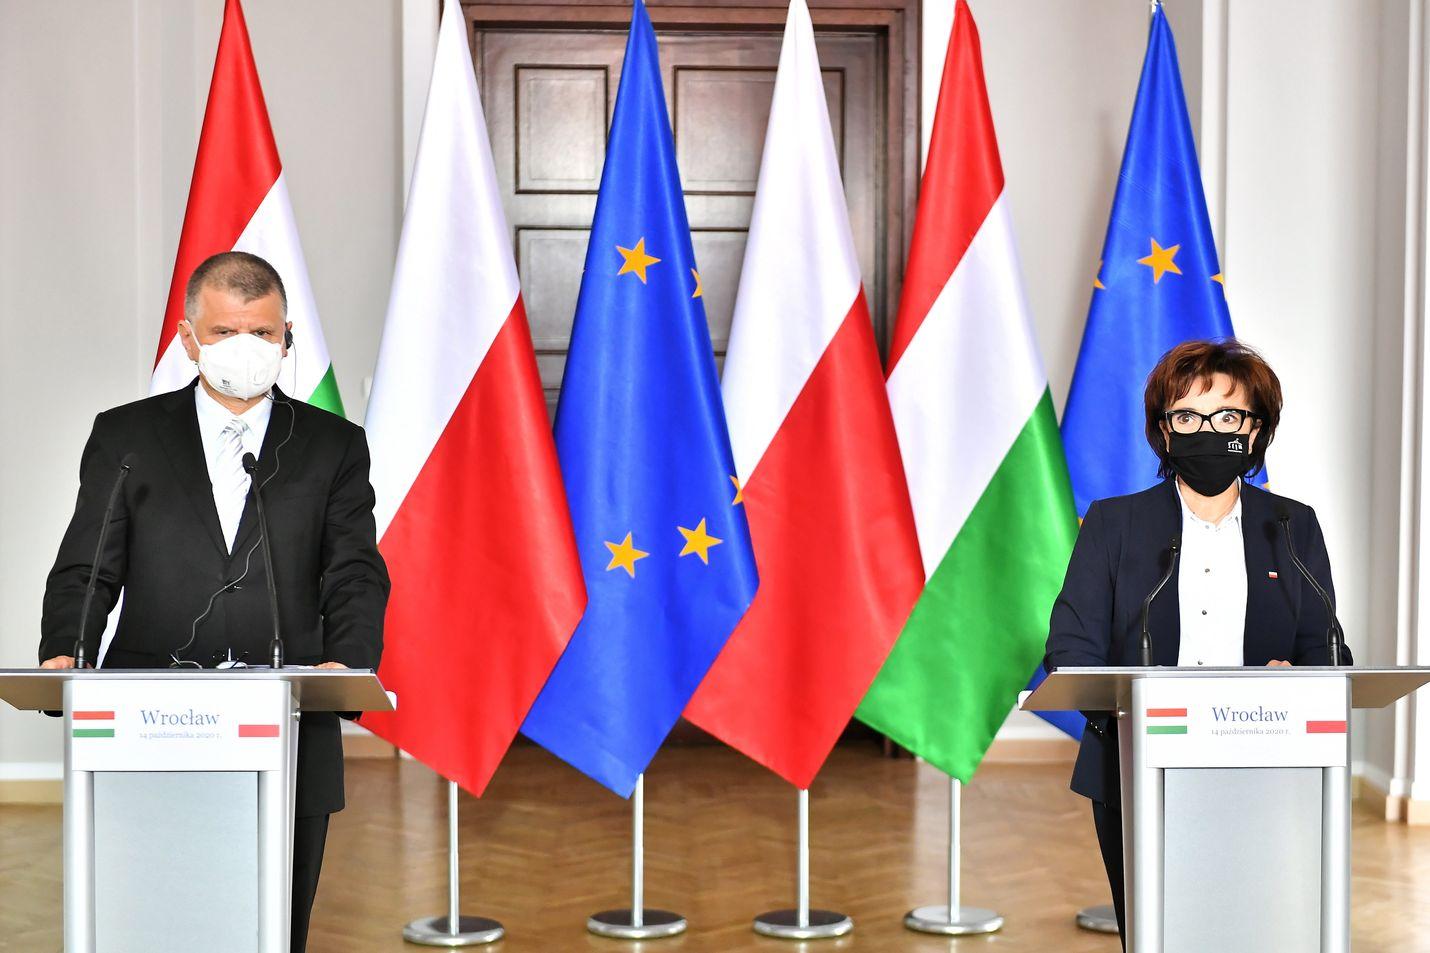 Unkarin parlamentin puheenjohtaja Laszlo Kover (vas.) ja Puolan parlamentin alahuoneen puheenjohtaja Elzbieta Witek pitivät yhteisen tiedotustilaisuuden EU-rahan  lokakuussa.